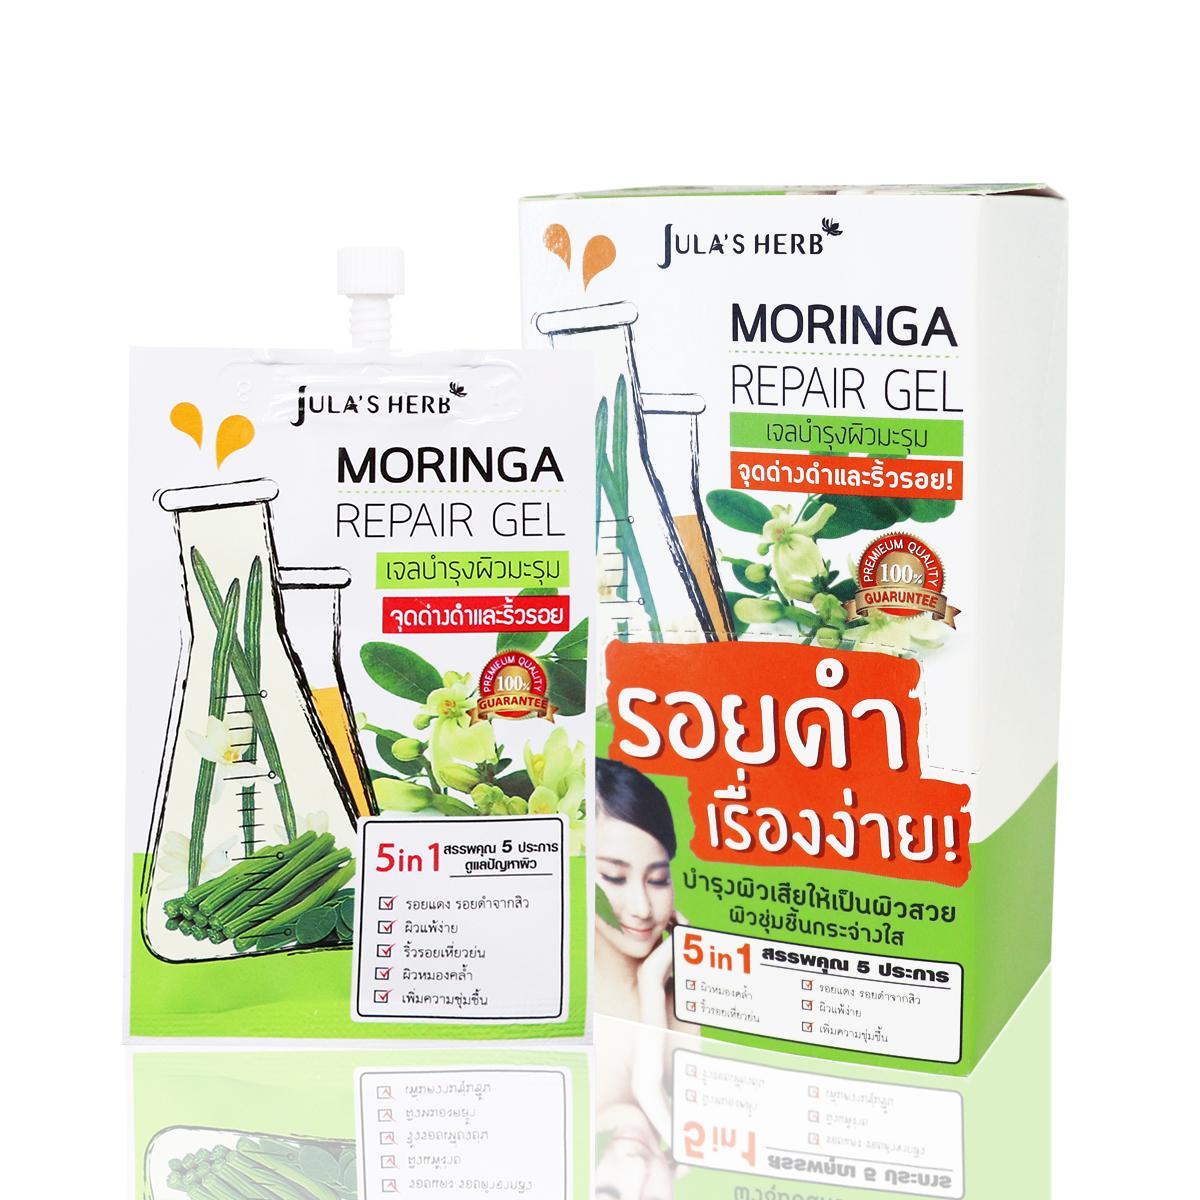 Moringa Repair Gel เจลมะรุม ลดรอยดำ รอยแดง รอยแผลเป็น (6ซอง)